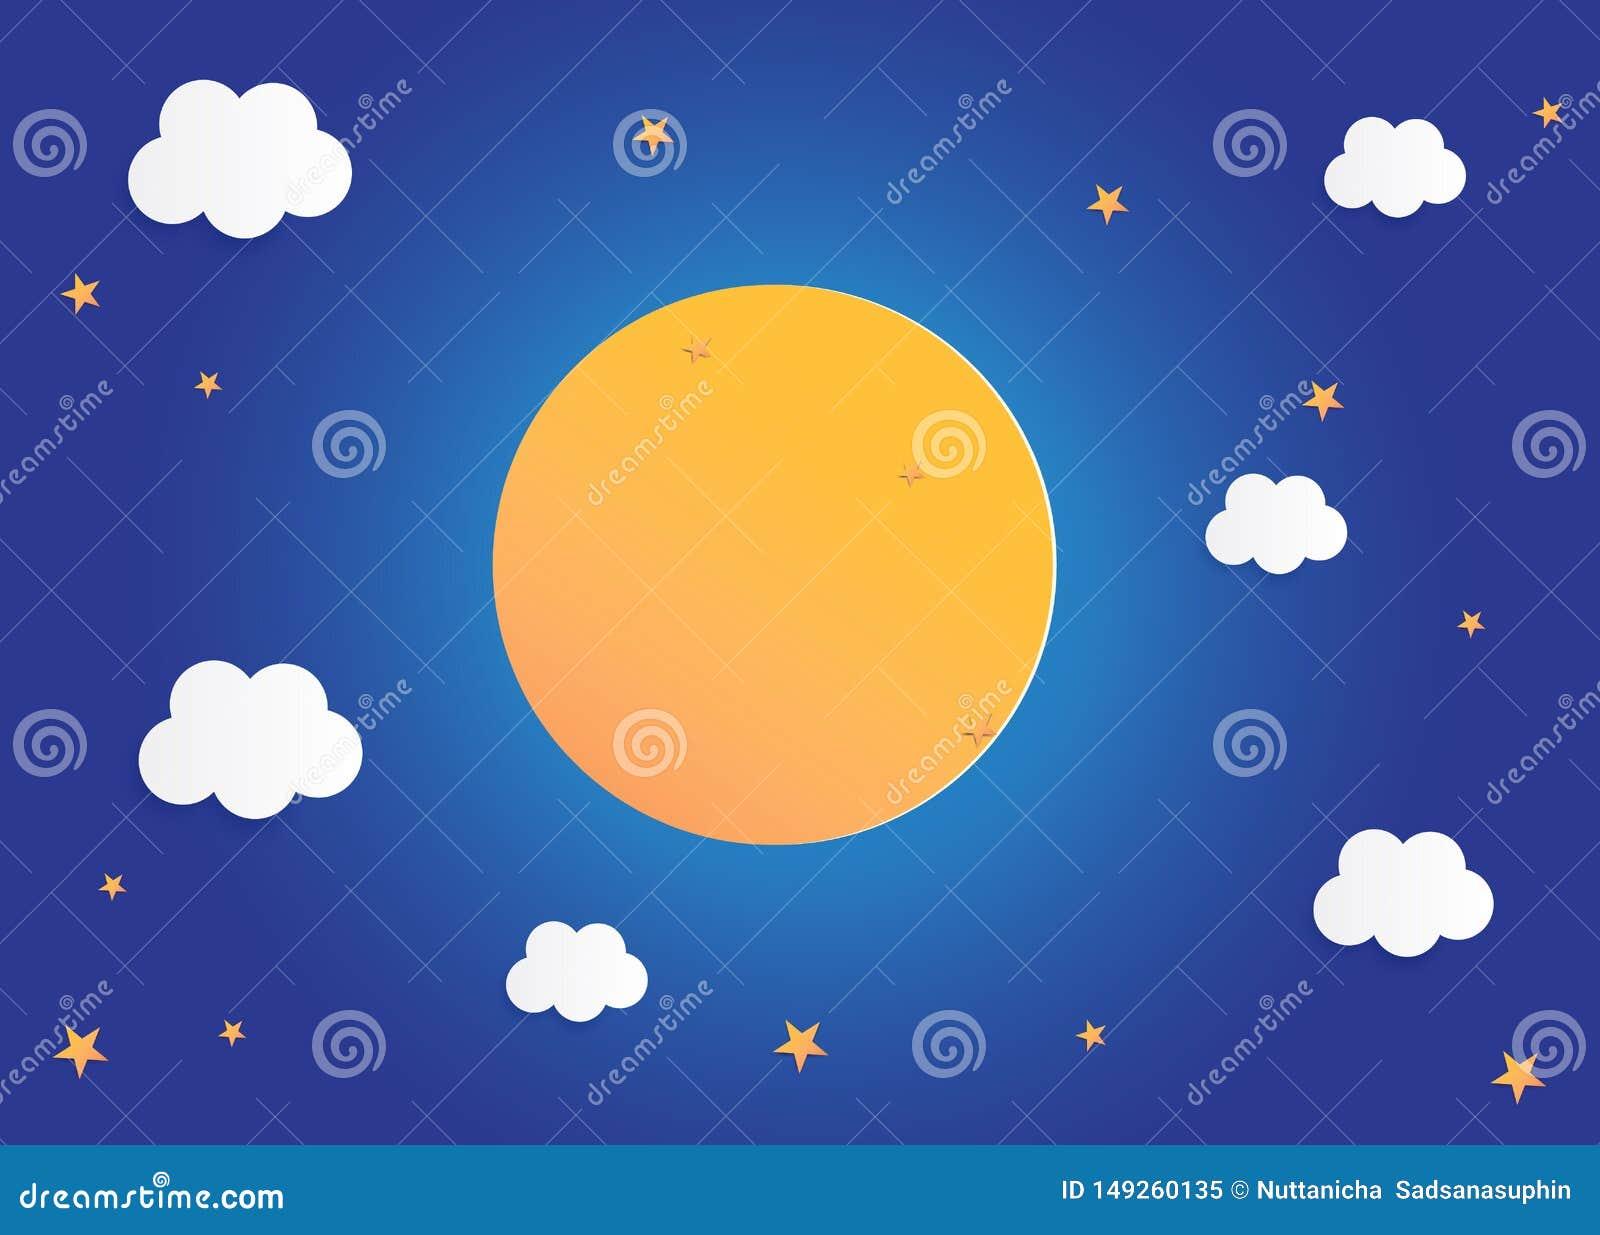 Luna e stelle nella mezzanotte, illustrazione piana di vettore di progettazione di arte del fondo di carta di stile